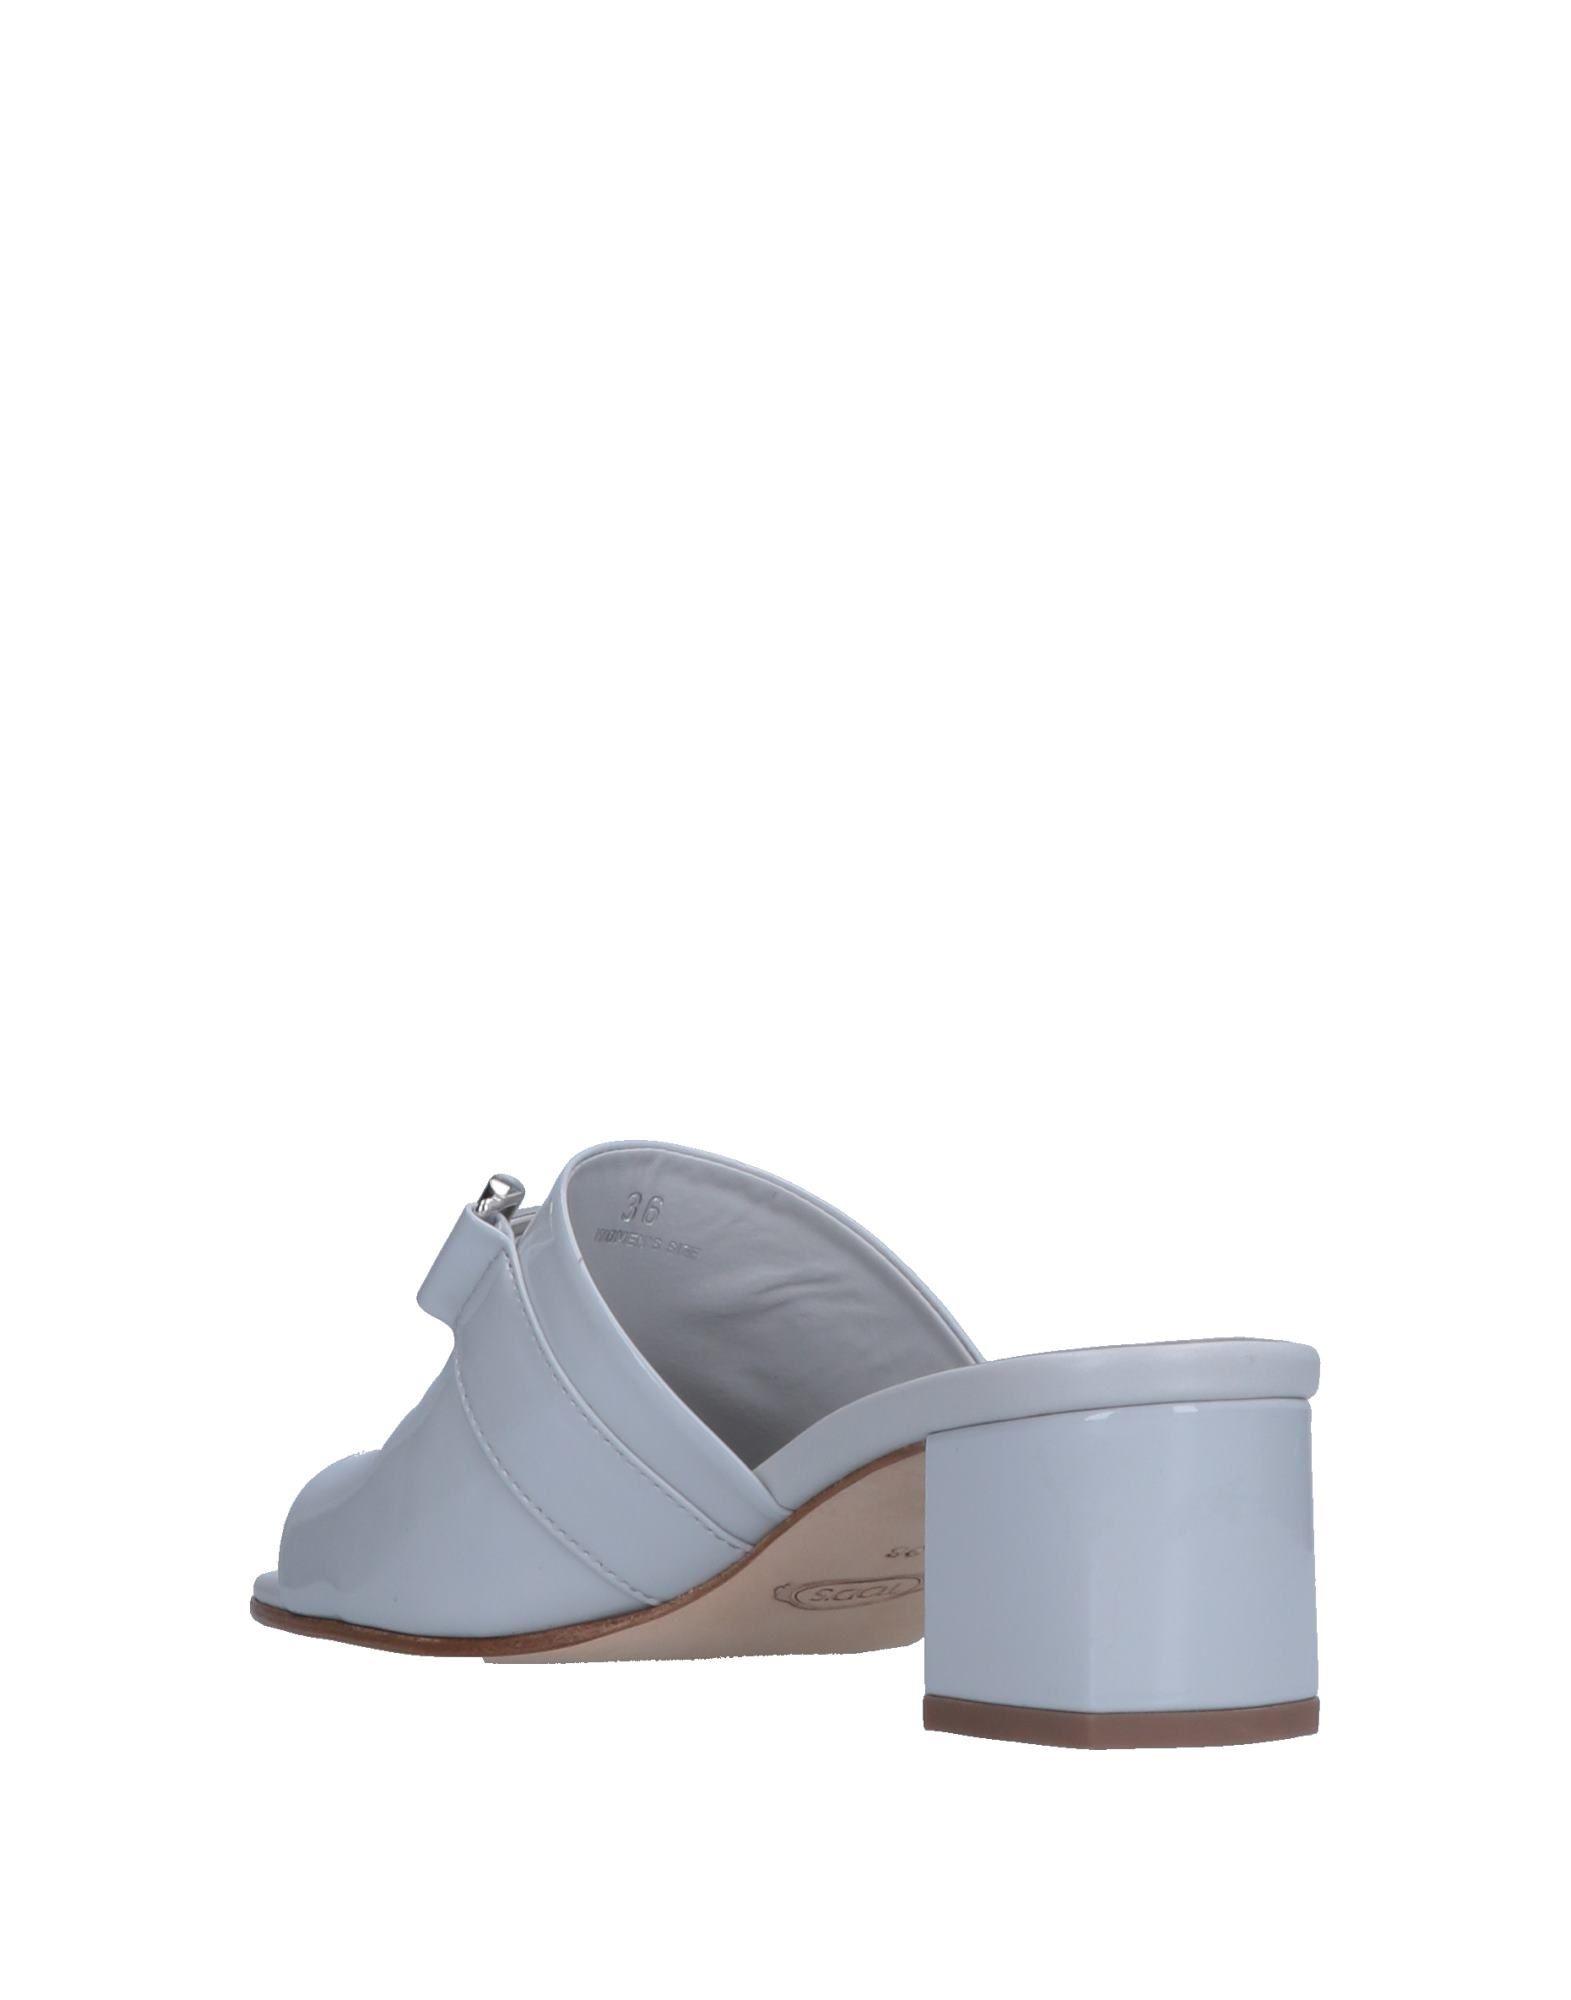 tod tod tod & # 39; s les sandales - femmes tod & # 39; s les sandales en ligne au royaume - uni - 11542428ph e56efc